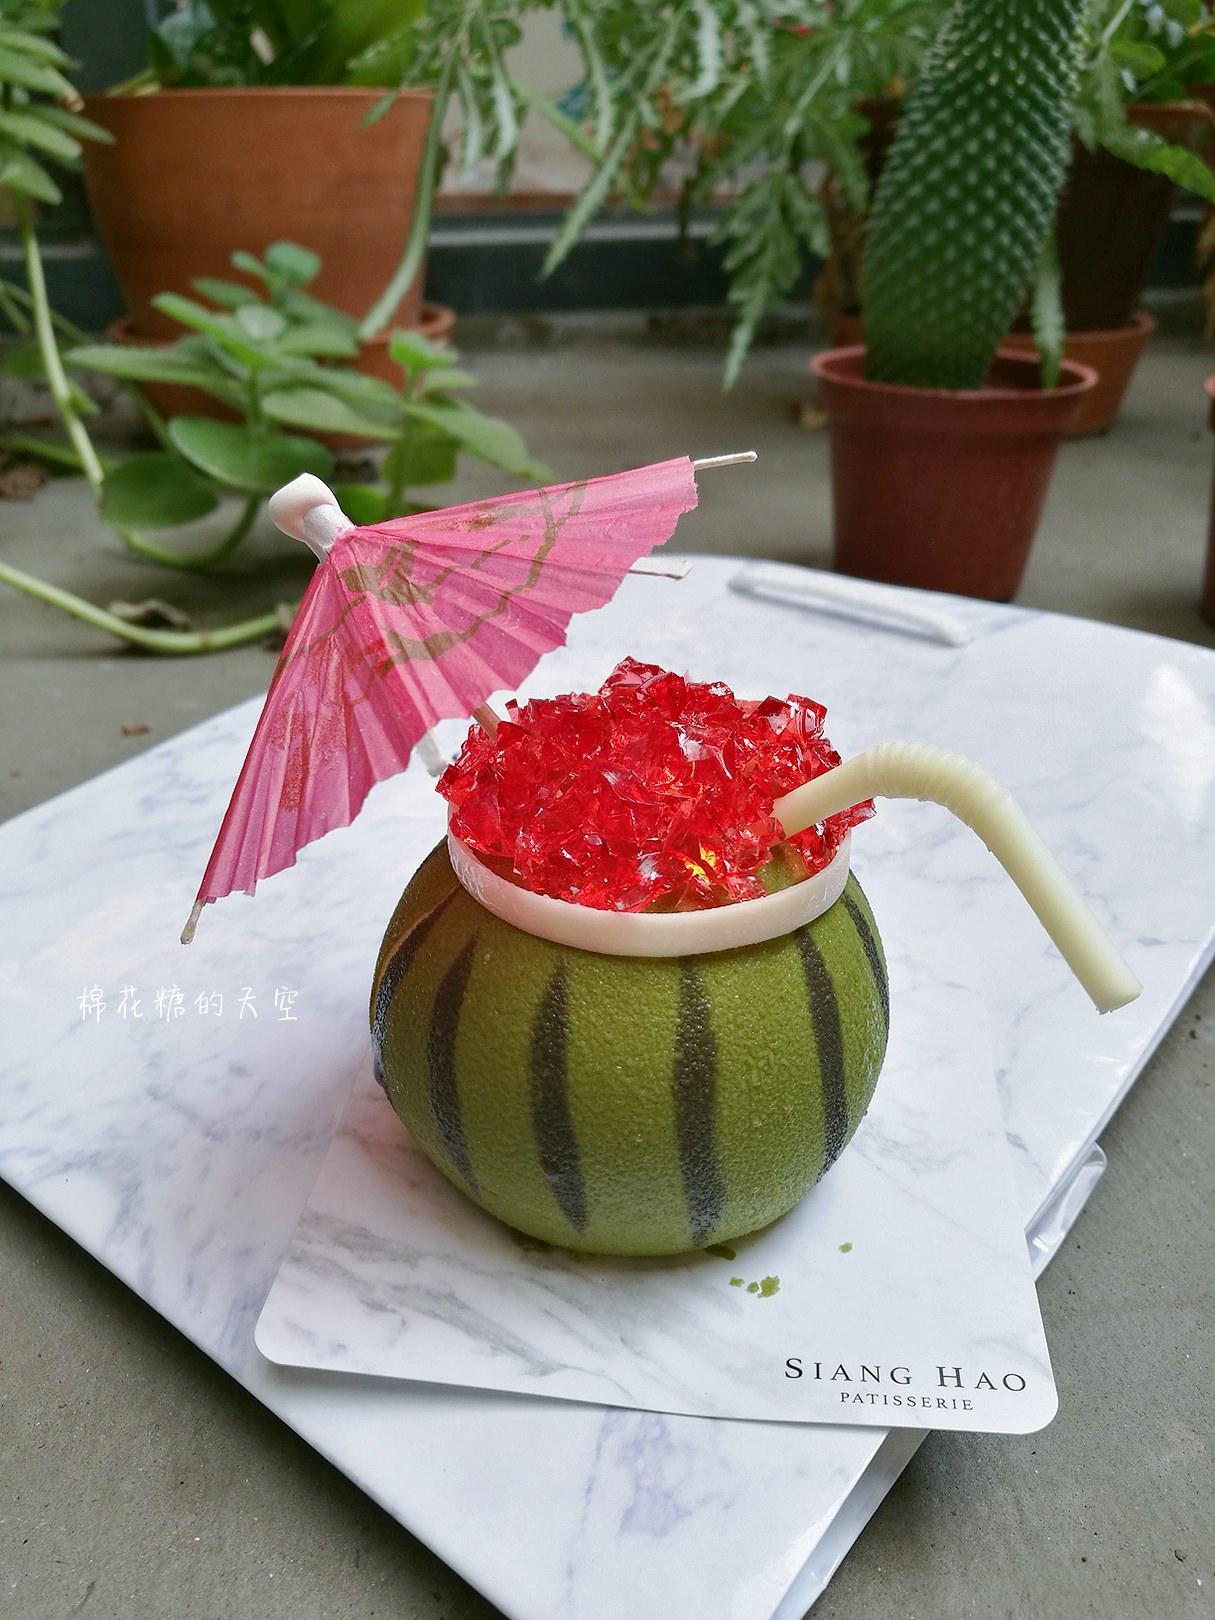 20180418222426 65 - 台中浮誇系甜點最新品-夏日西瓜,連吸管都可以吃喔!